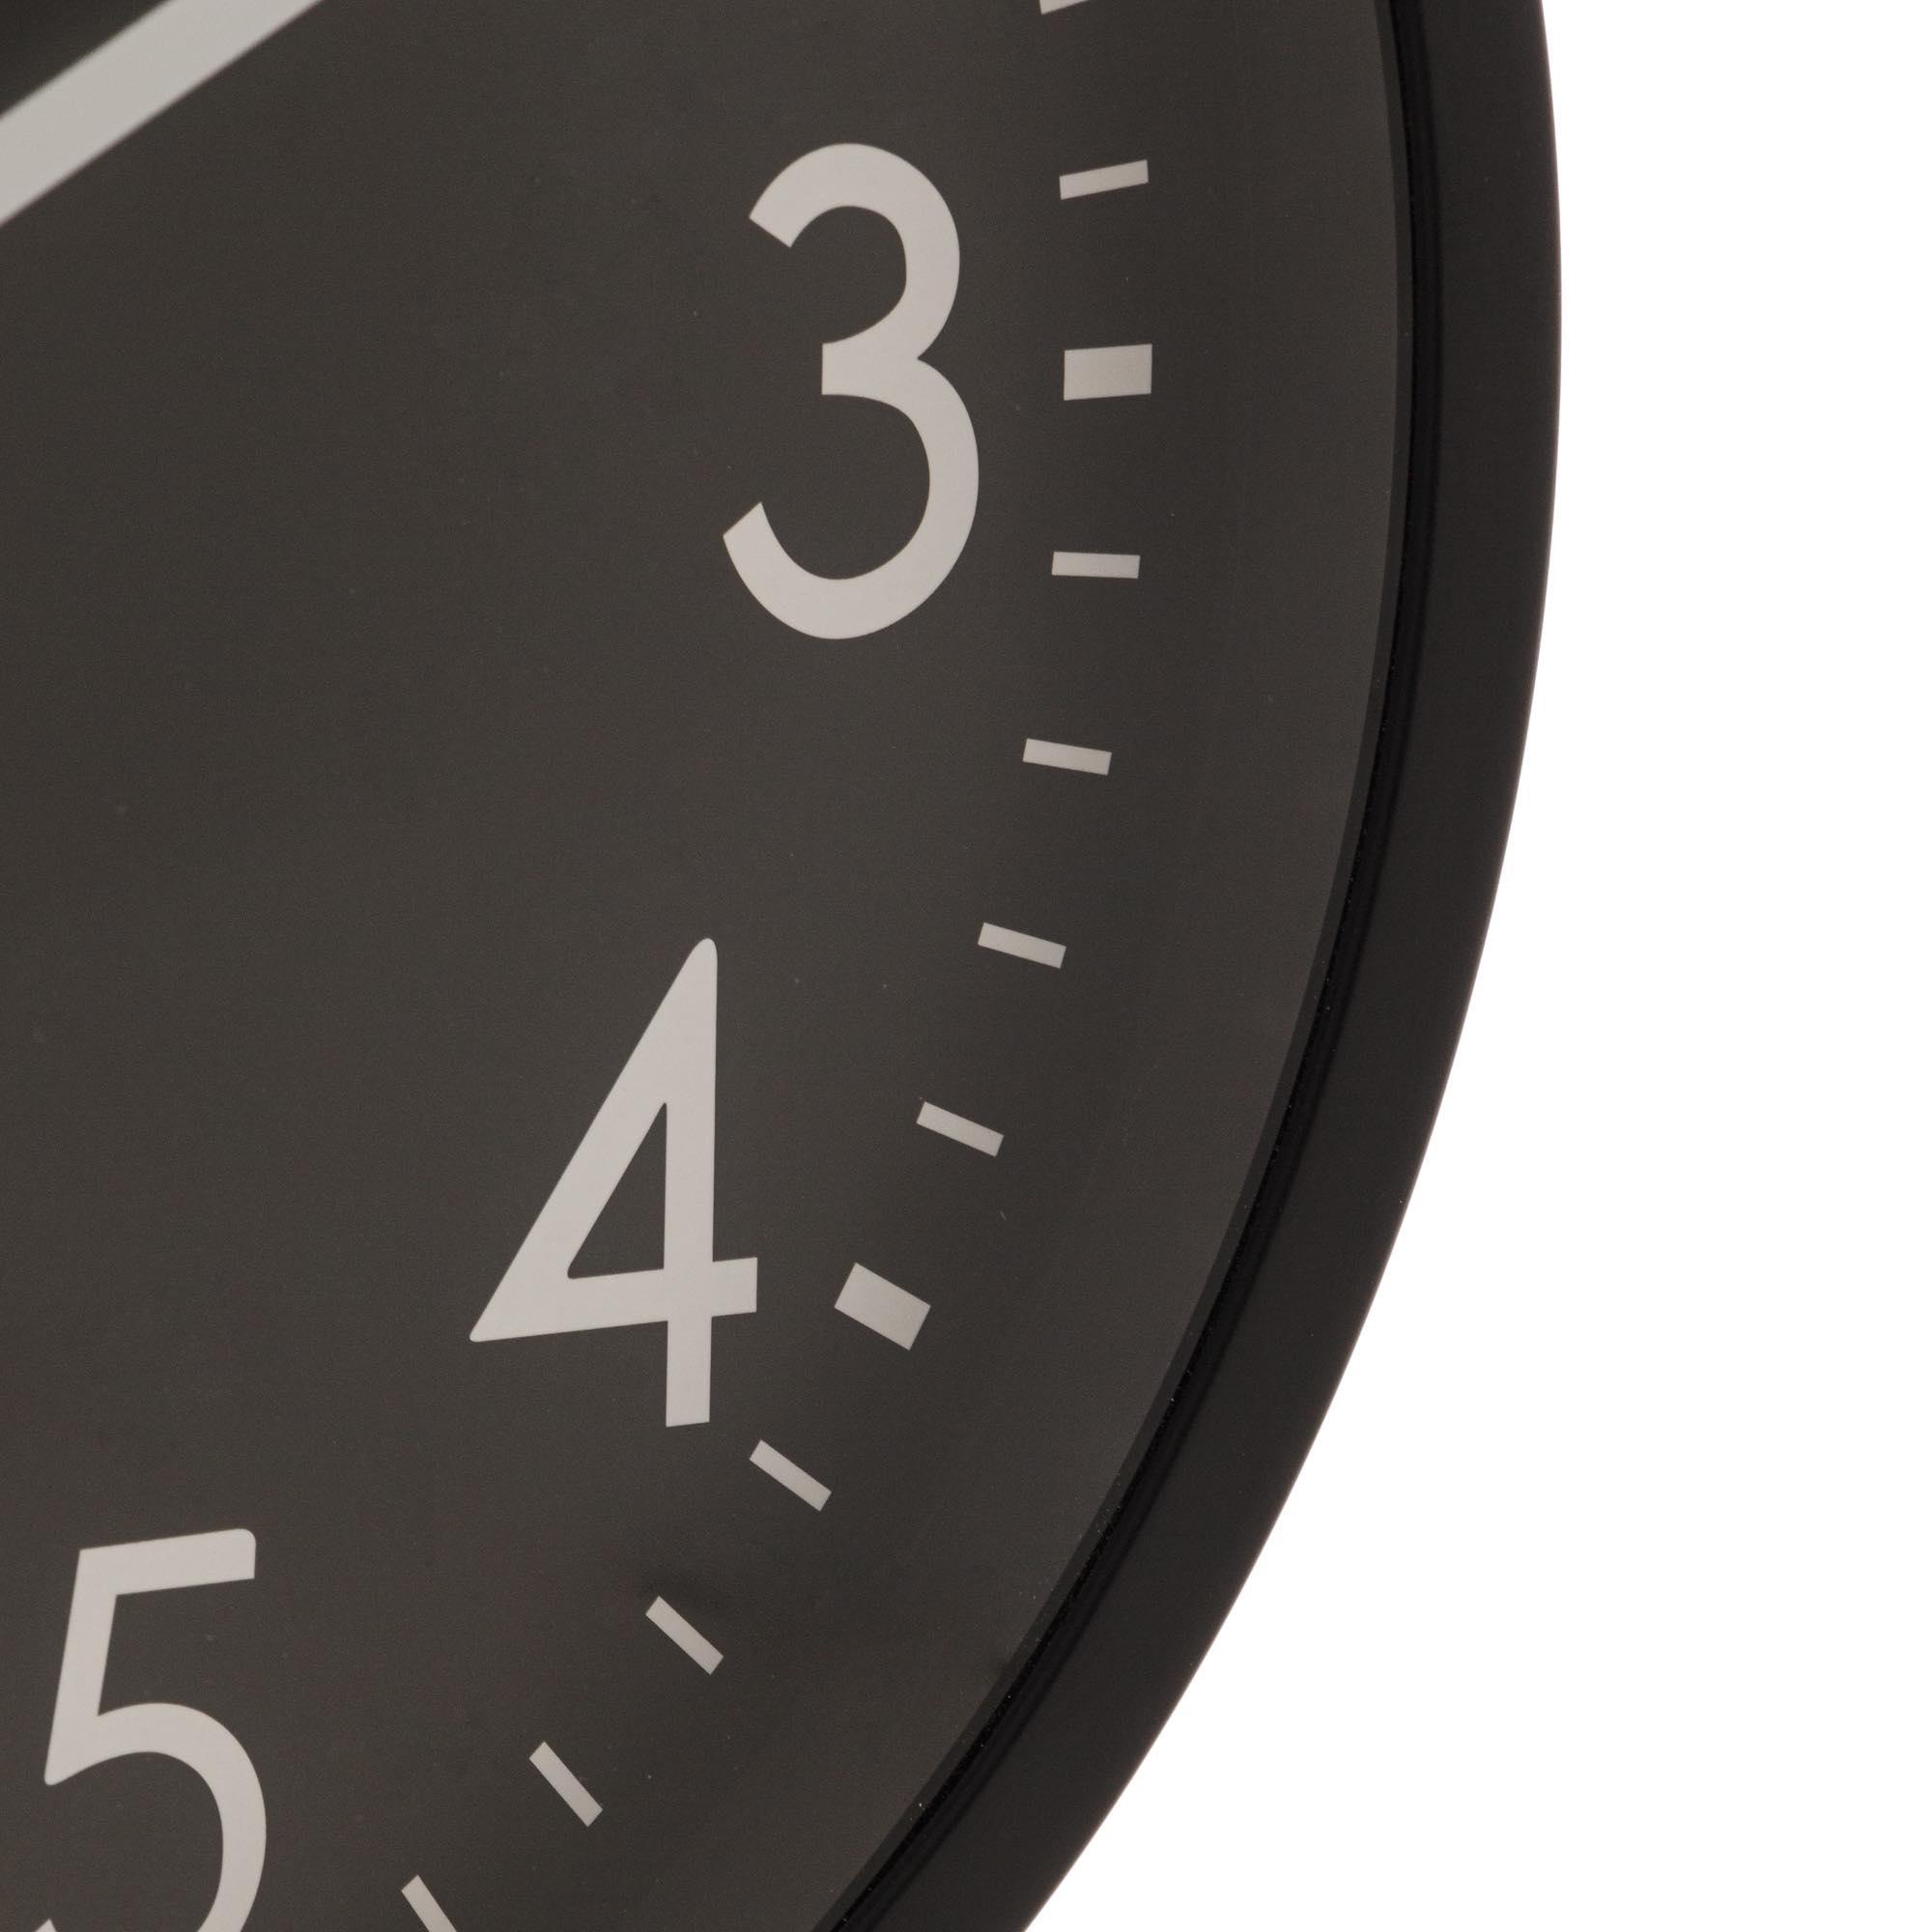 Relógio de Parede Plástico Basic Preto 30,5 x 4 cm